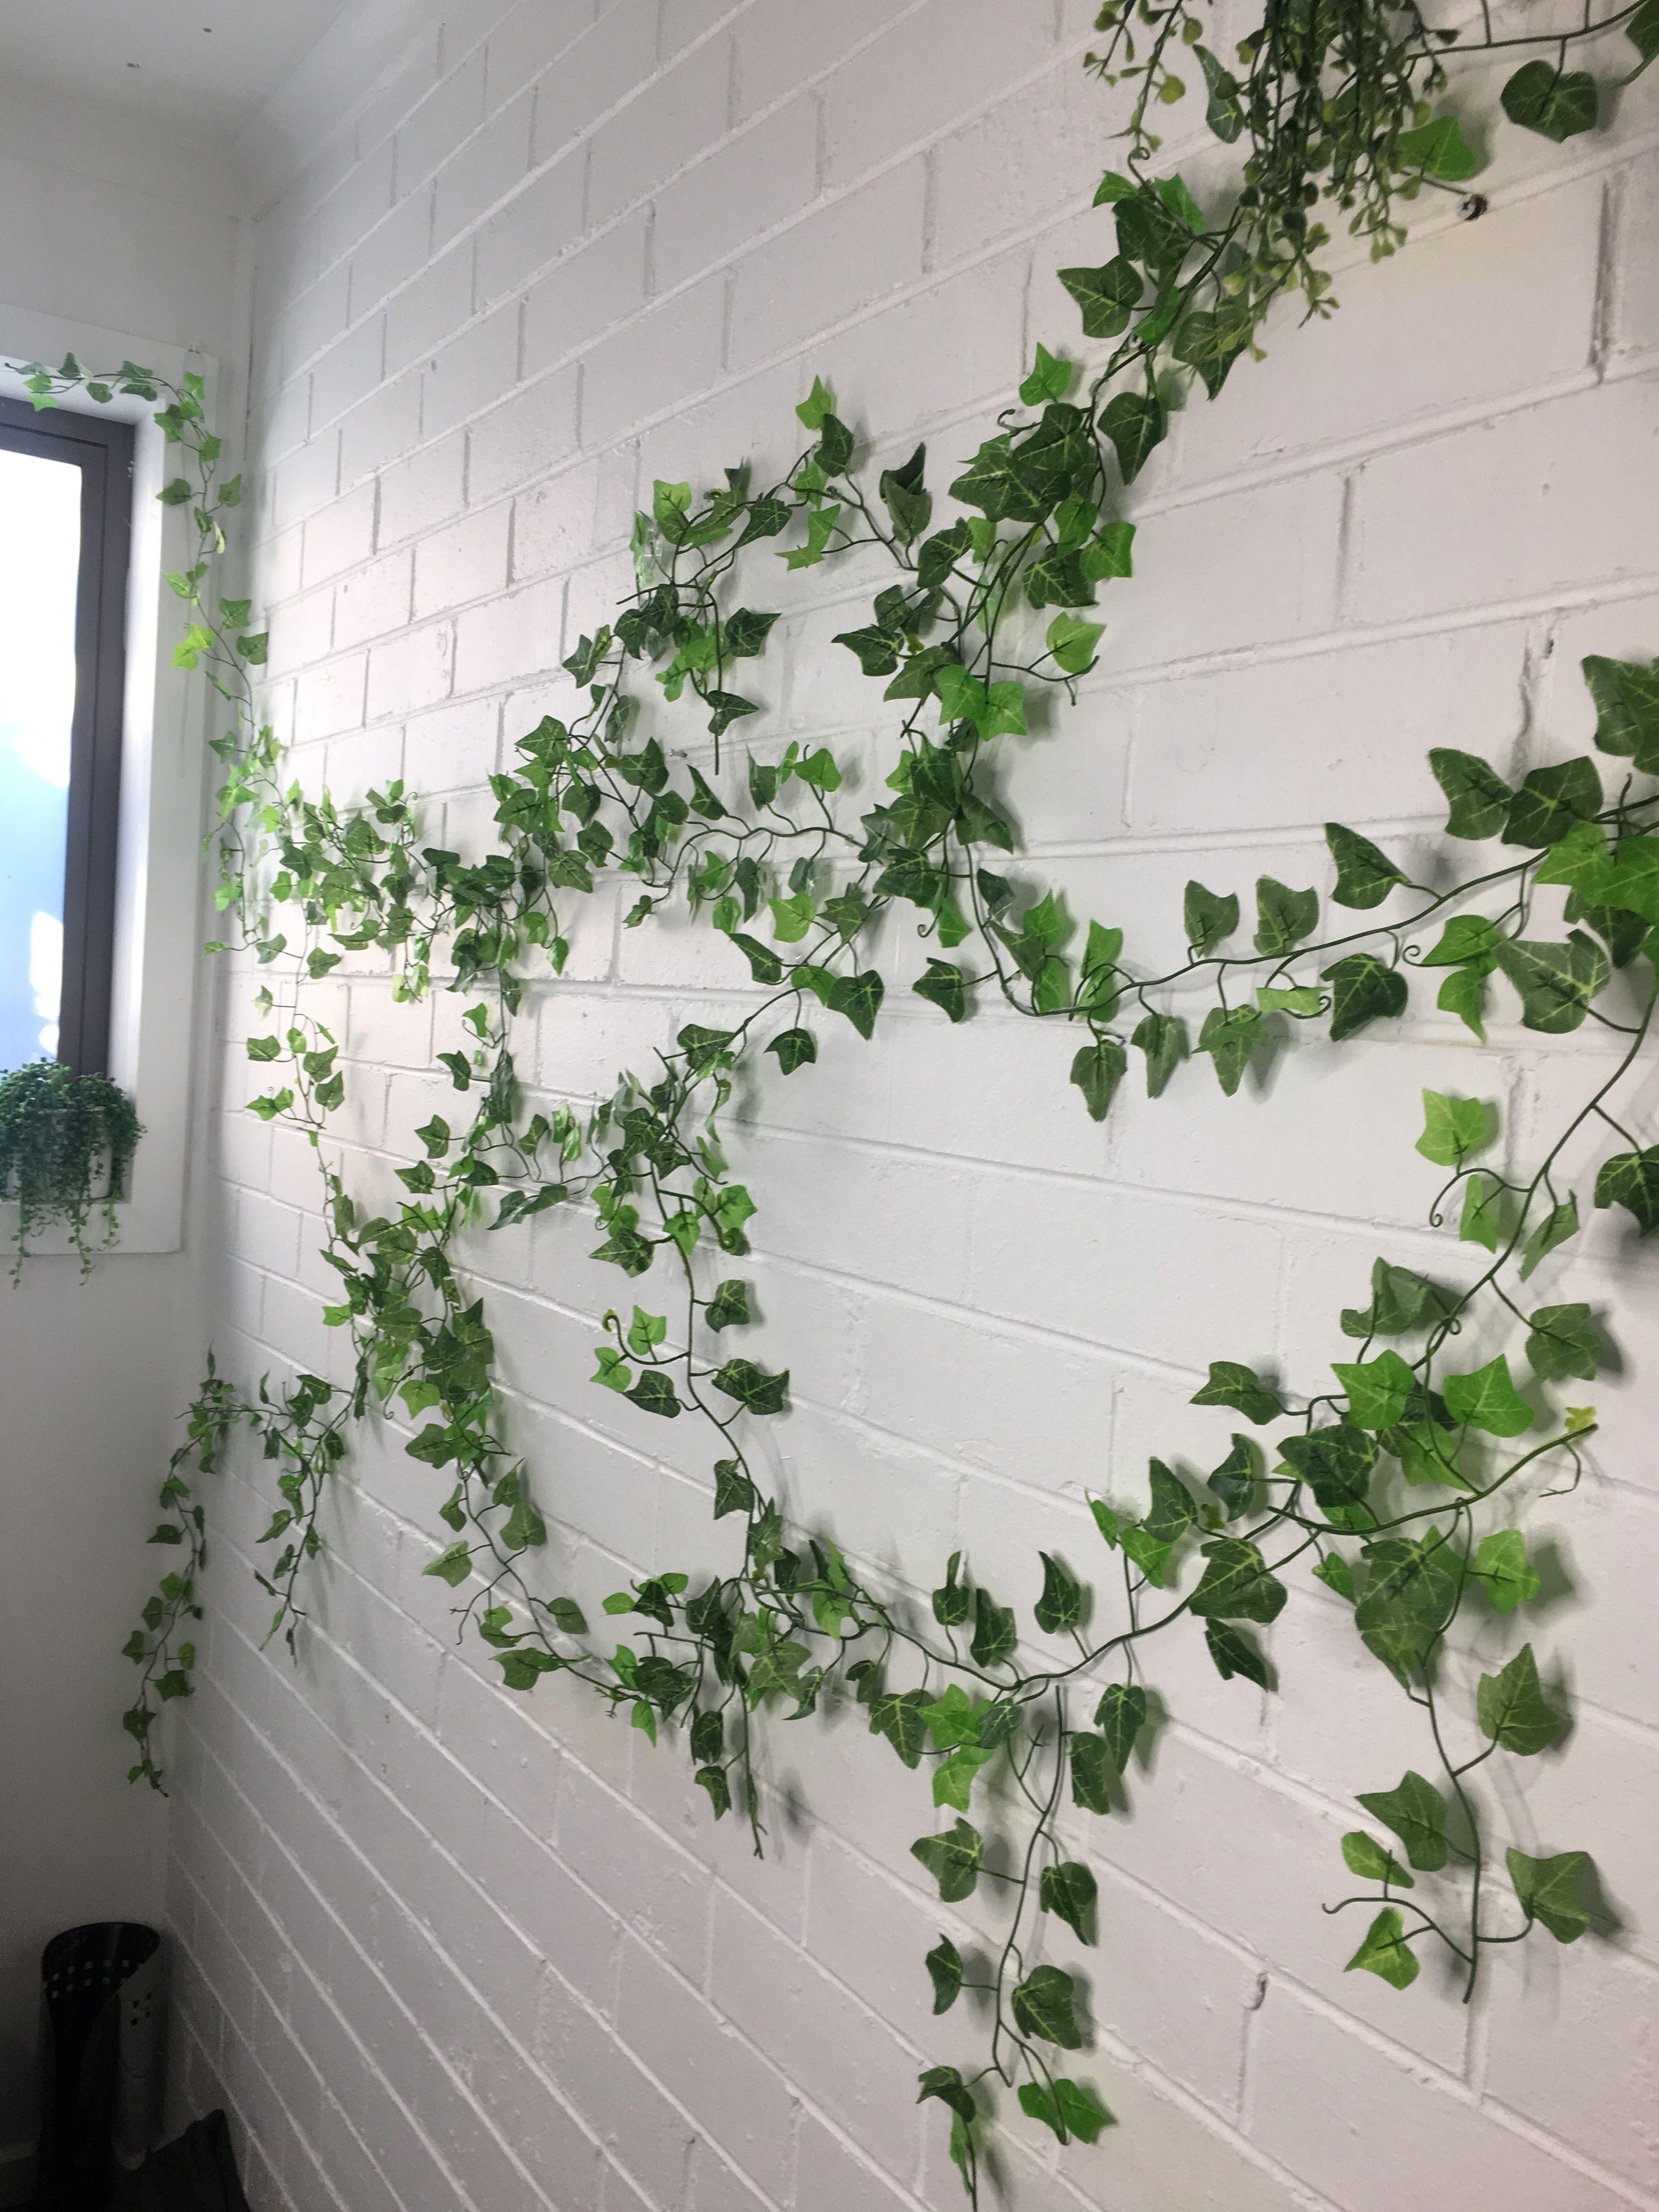 Ivy Wall On Bricks Indoor Ivy Wall Greenwall Wall Climbing Plants Ivy Plant Indoor Plant Decor Indoor